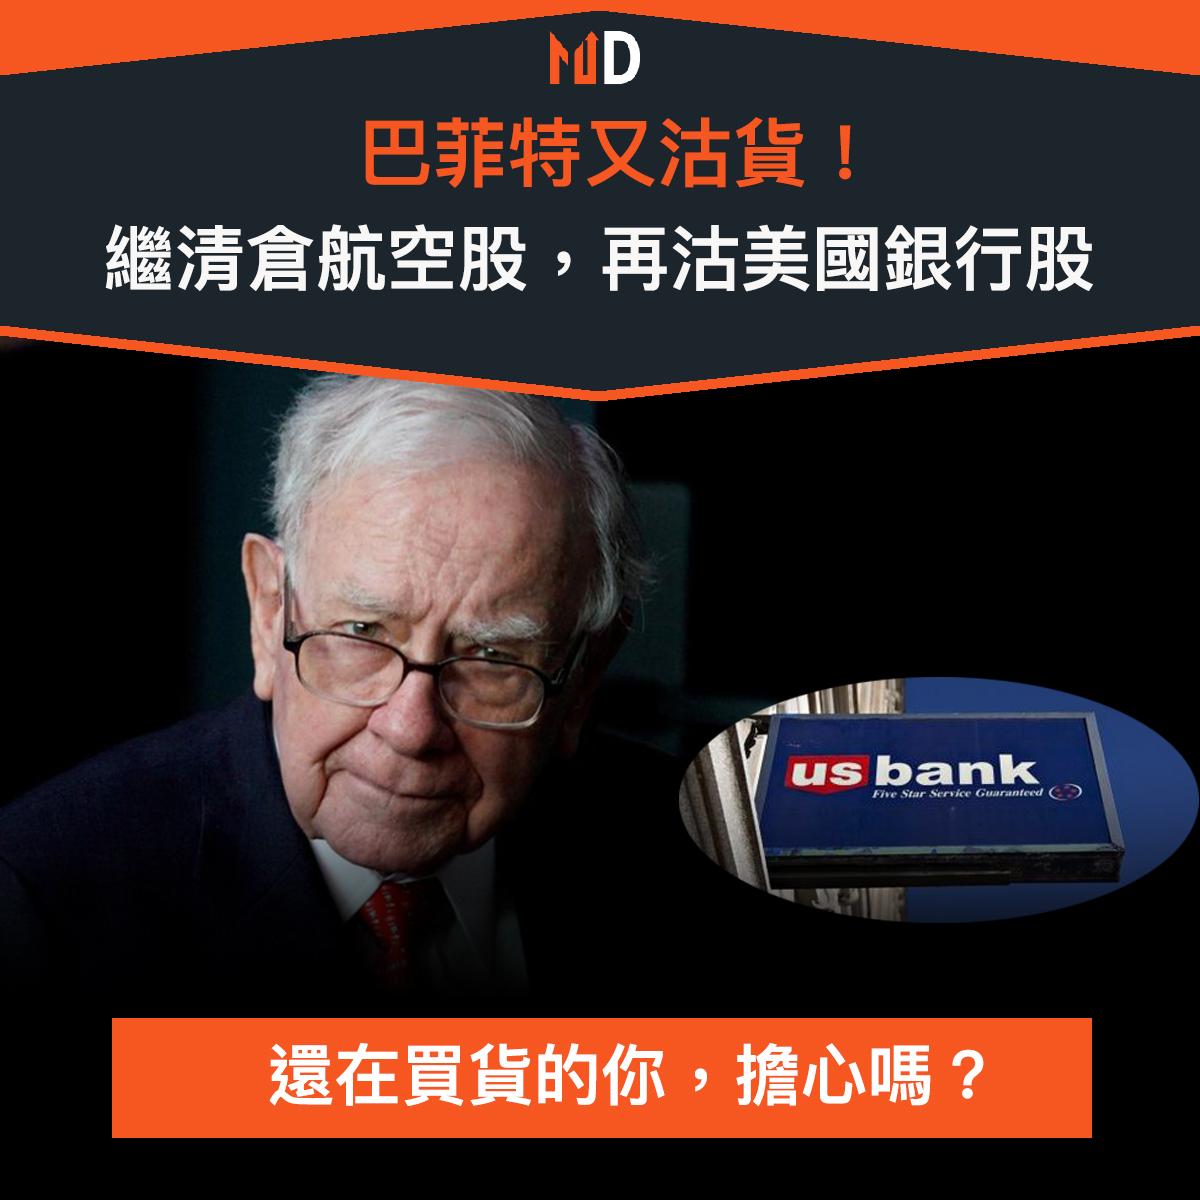 【市場熱話】巴菲特又沽貨!繼清倉航空股,最新沽美國銀行股